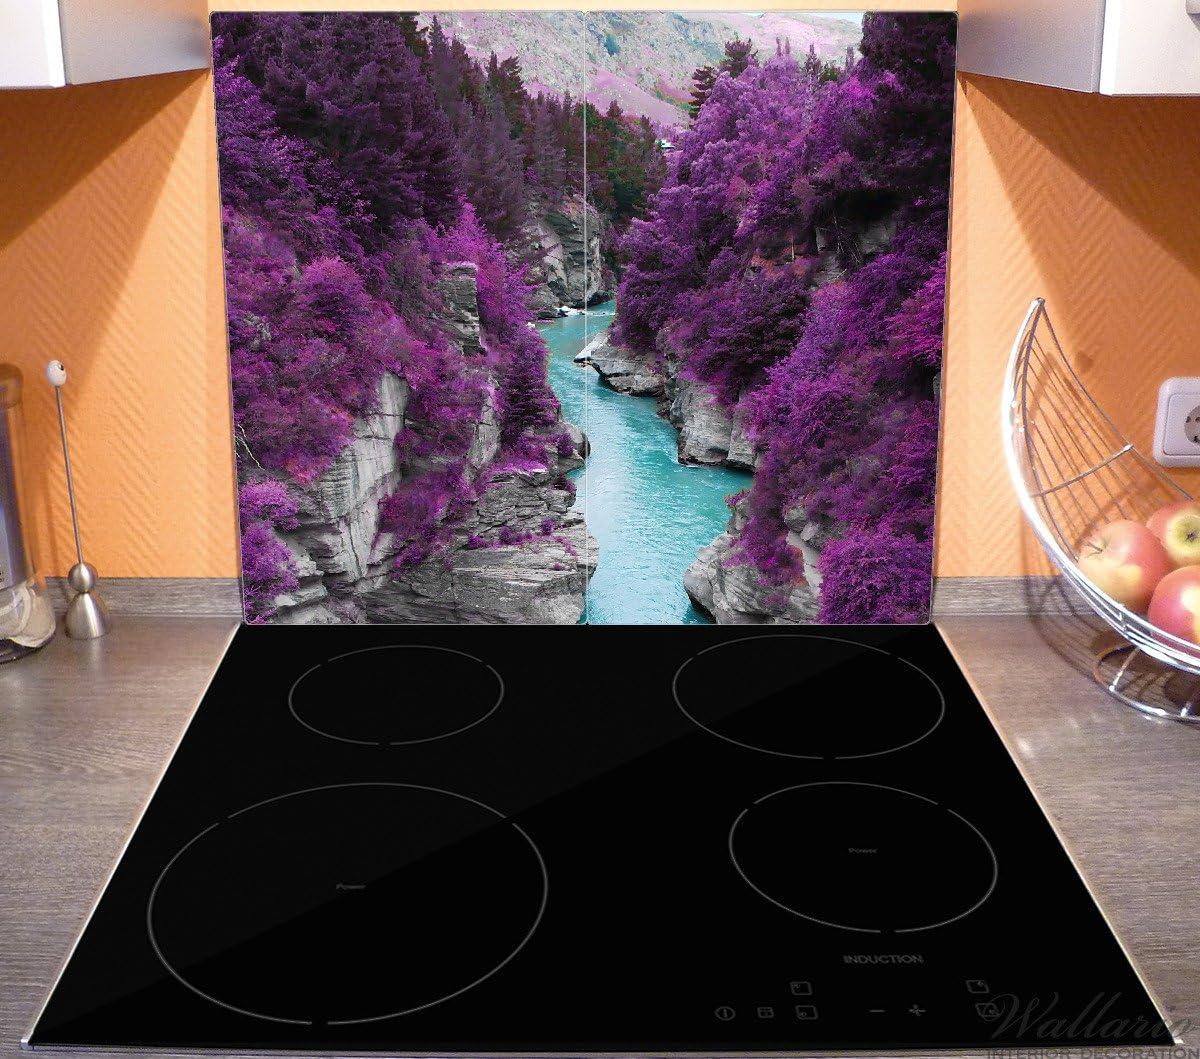 52x60cm Fluss in lilafarbener Schlucht Wallario Herdabdeckplatte//Spritzschutz aus Glas 1-teilig f/ür Ceran- und Induktionsherde